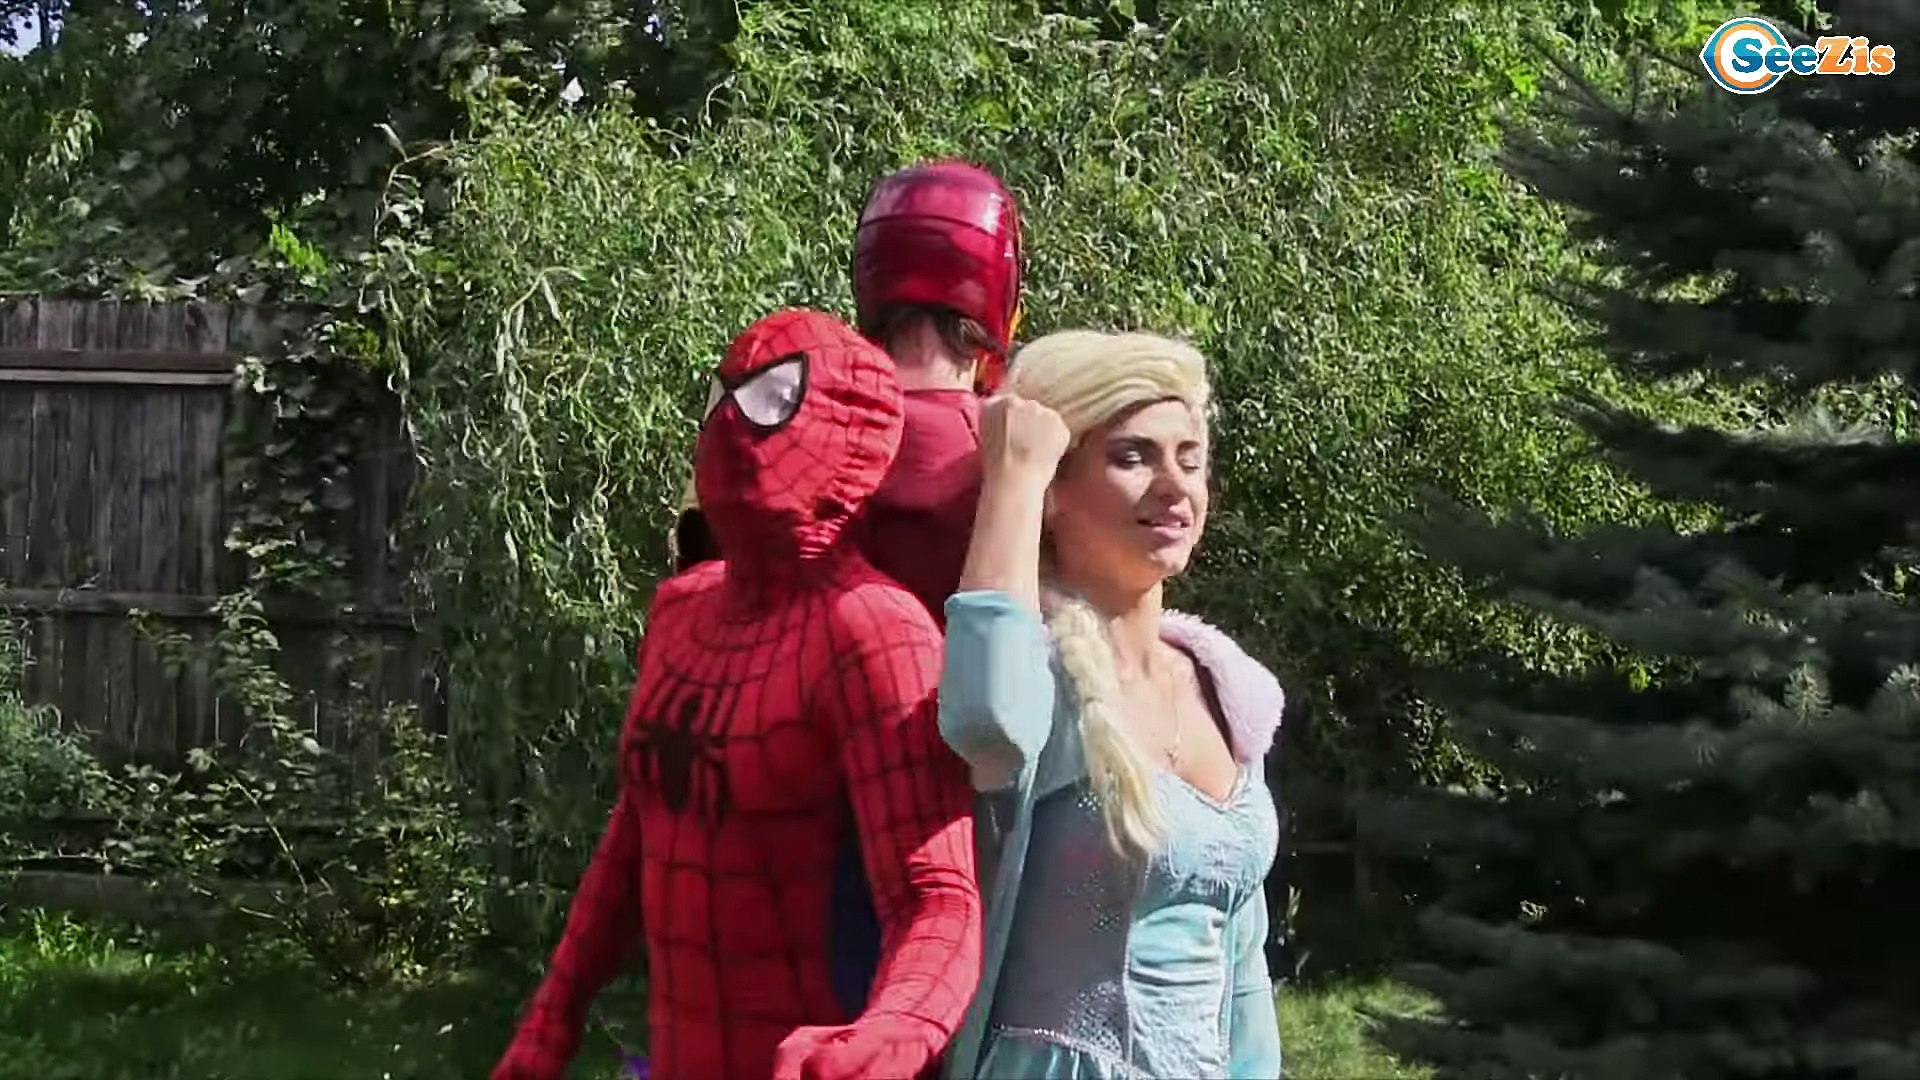 Elsa spiderman vs frozen elsa